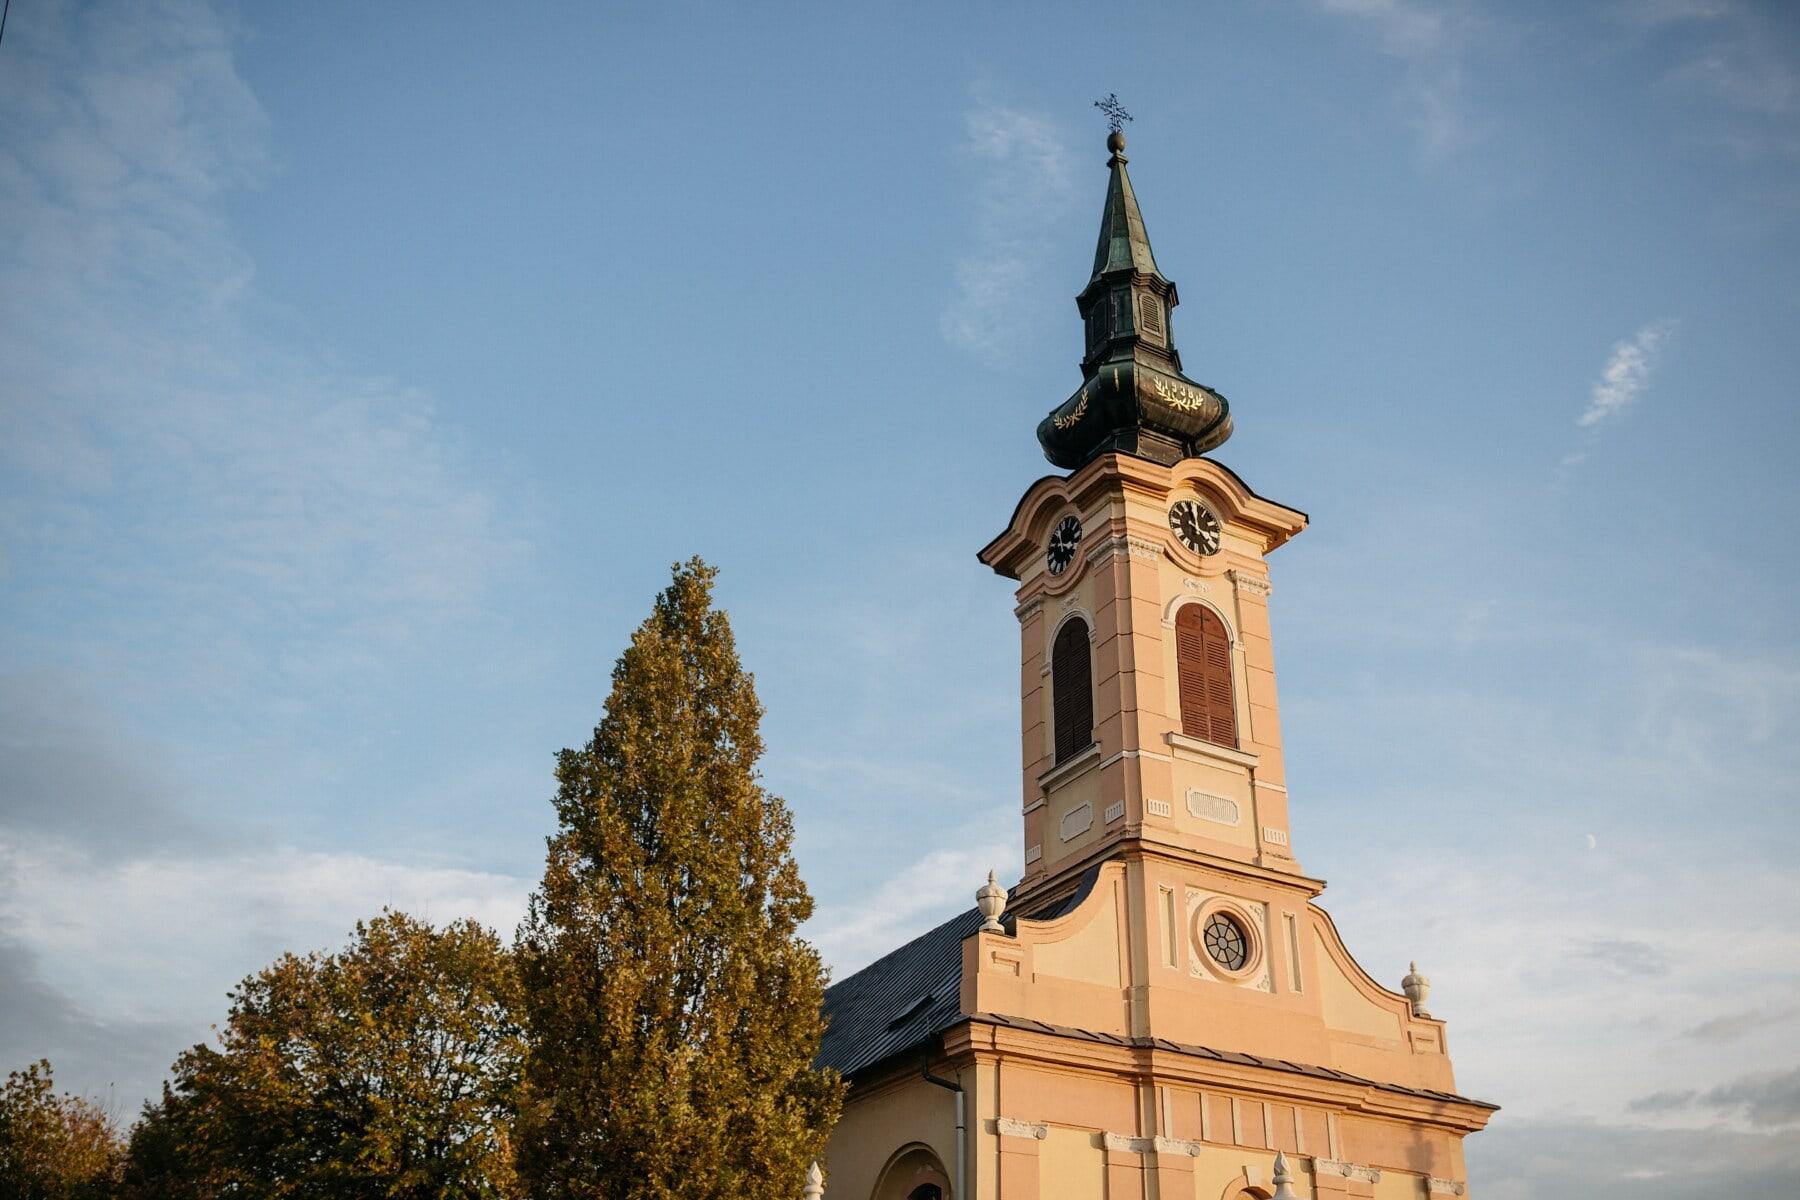 教会, 基督教, 立, 高耸, 塔, 阳光, 宗教, 覆盖, 体系结构, 老